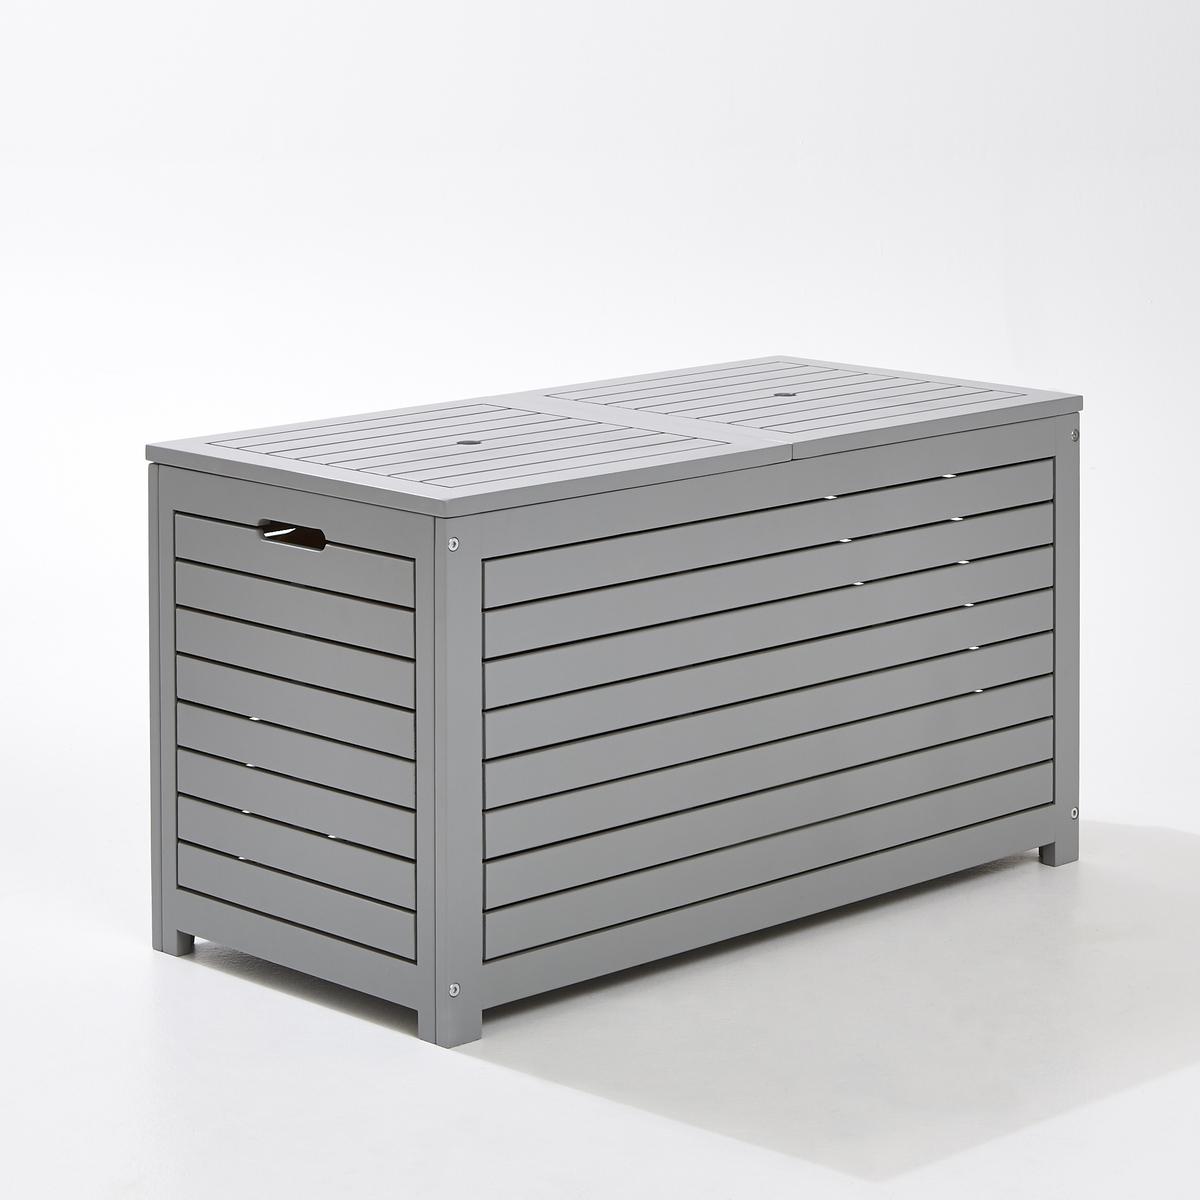 Ящик для вещей прямоугольный из акацииХарактеристики : Акация, морениеСочетается с ящиком для вещей квадратной формы (продается на сайте laredoute.ruРазмеры : Ширина : 90 смГлубина : 45 см.Высота : 50 см.Размеры и вес упаковки :1 упаковкаДлина 94 см.Ширина 51смВысота 13.5см Вес: 14 кг.Качество :Акация обладает хорошими механическими свойствами (прочность, устойчивость к насекомым и грибам, устойчивость к непогоде и чередованию сухой и влажной погоды).Доставка :Ящик продается в разобранном виде. Возможна доставка до квартиры !Внимание ! Убедитесь, что товар возможно доставить на дом, учитывая его габариты (проходит в двери, по лестницам, в лифты).<br><br>Цвет: серый